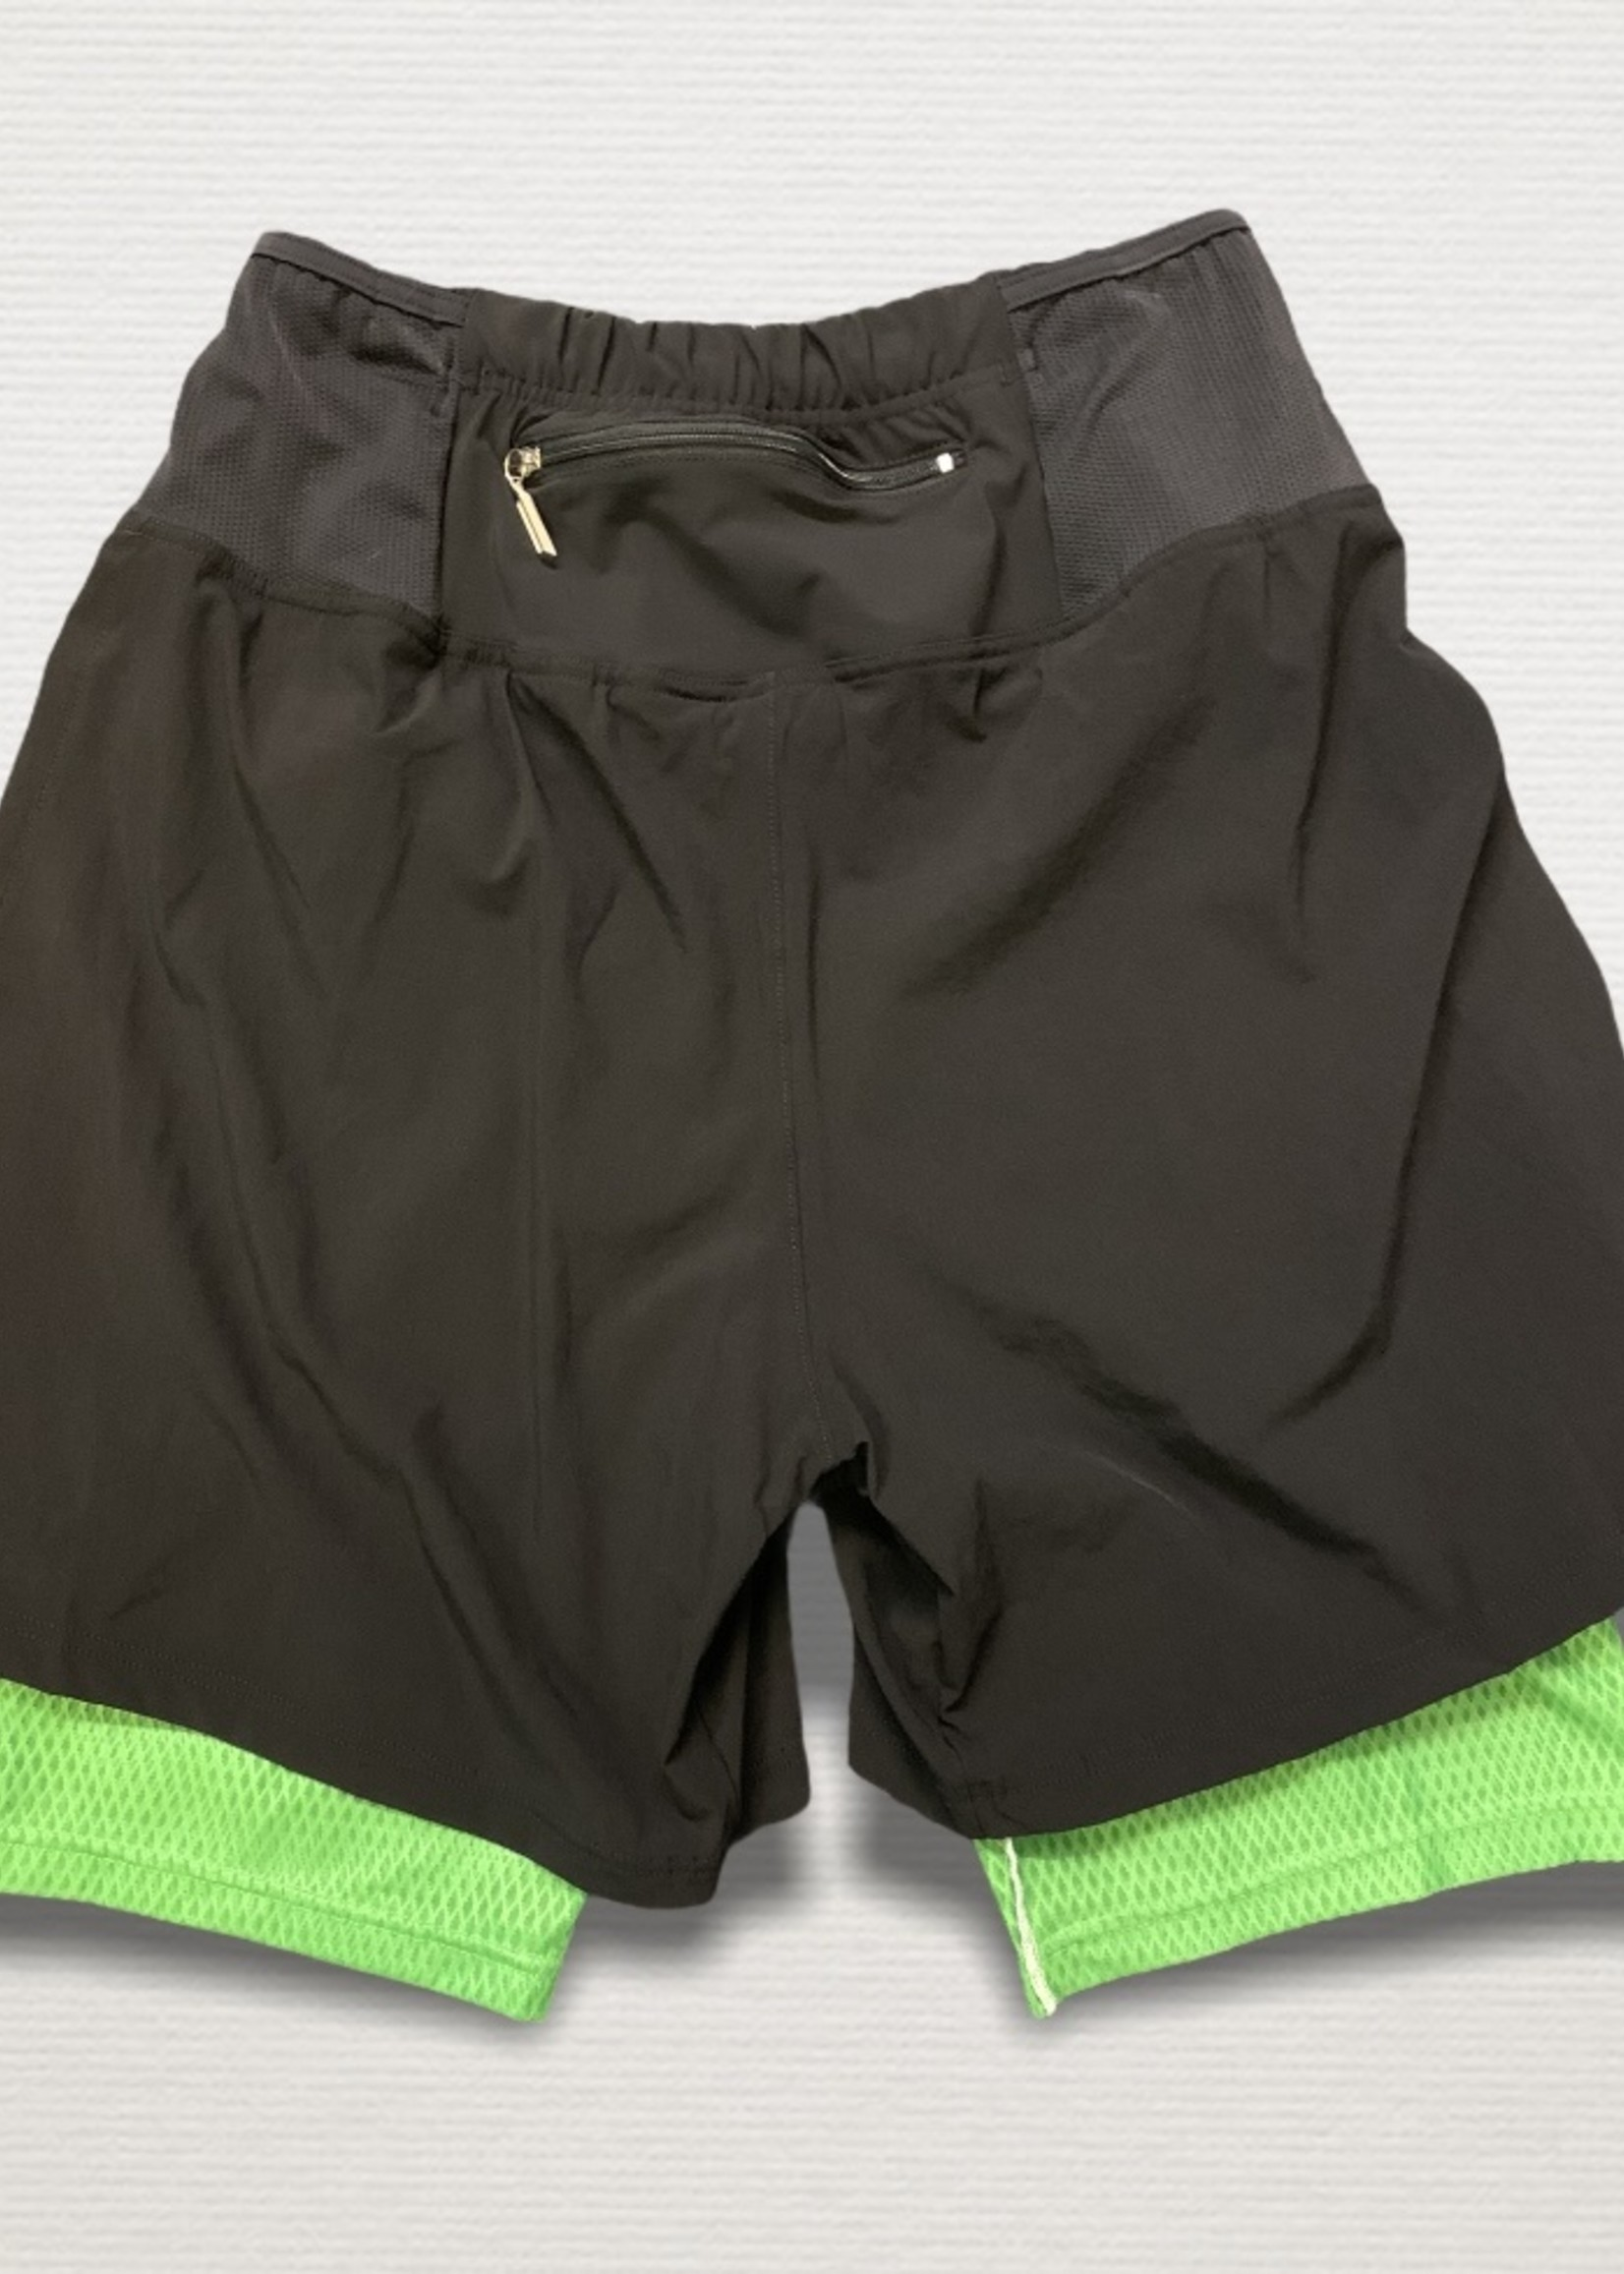 Yonda Yonda Trail Shorts